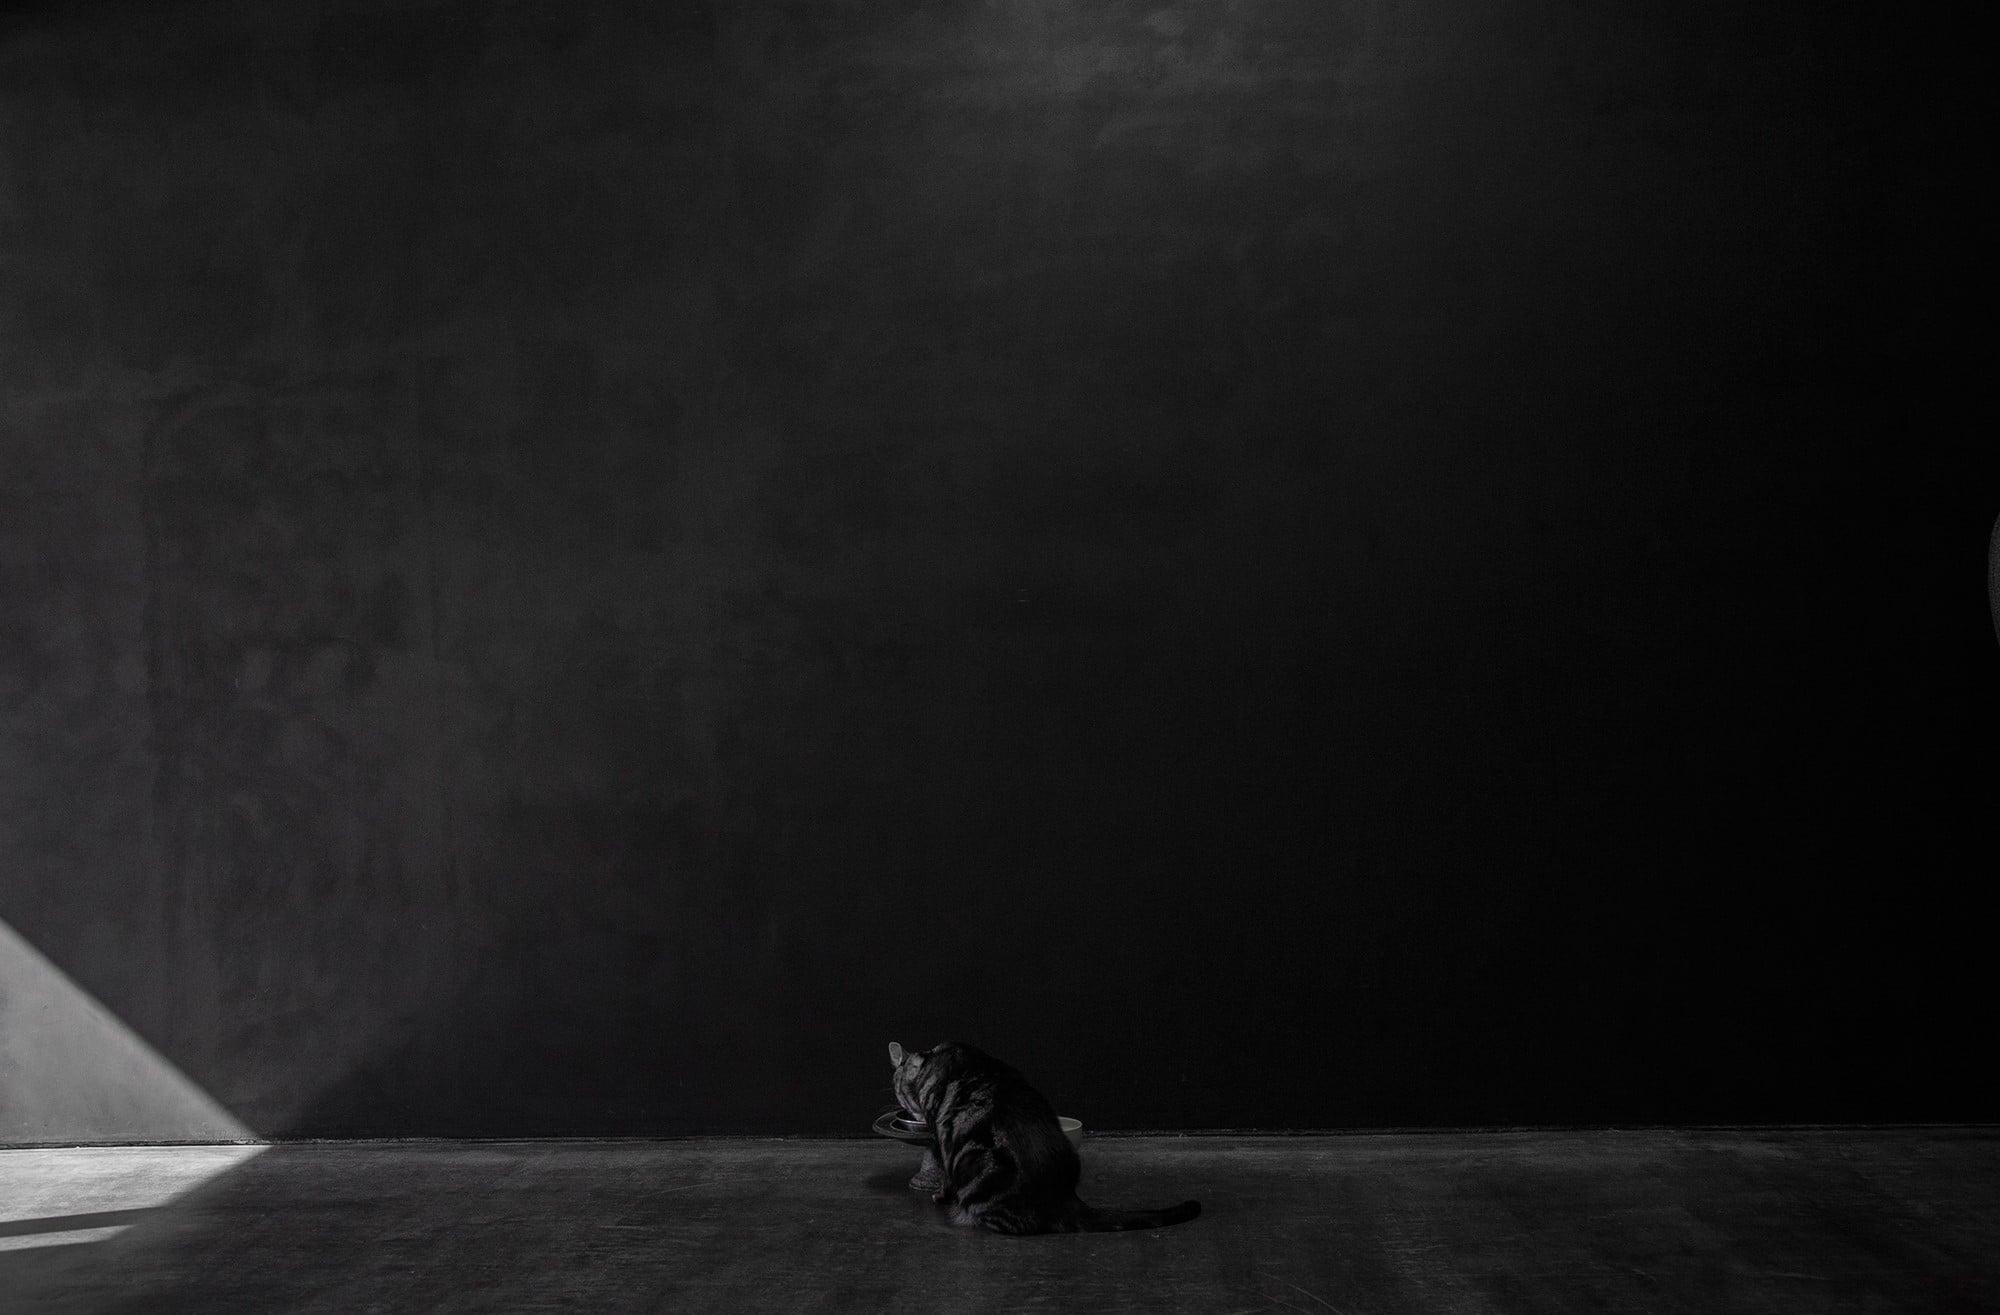 墨黒の壁の前に佇む天子さん。